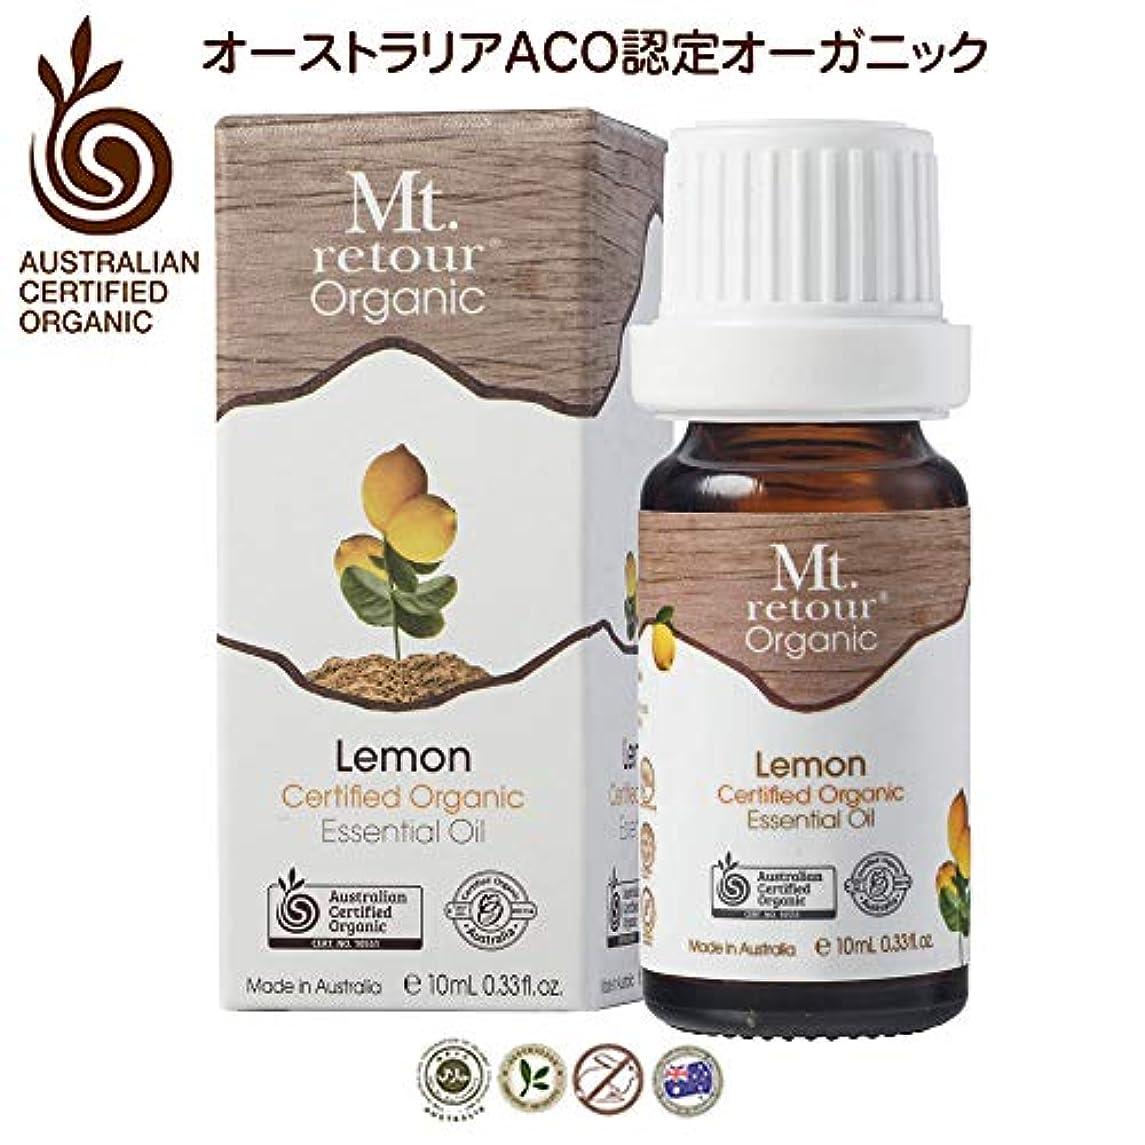 遮るがっかりするネックレットMt. retour ACO認定オーガニック レモン 10ml エッセンシャルオイル(無農薬有機栽培)アロマ